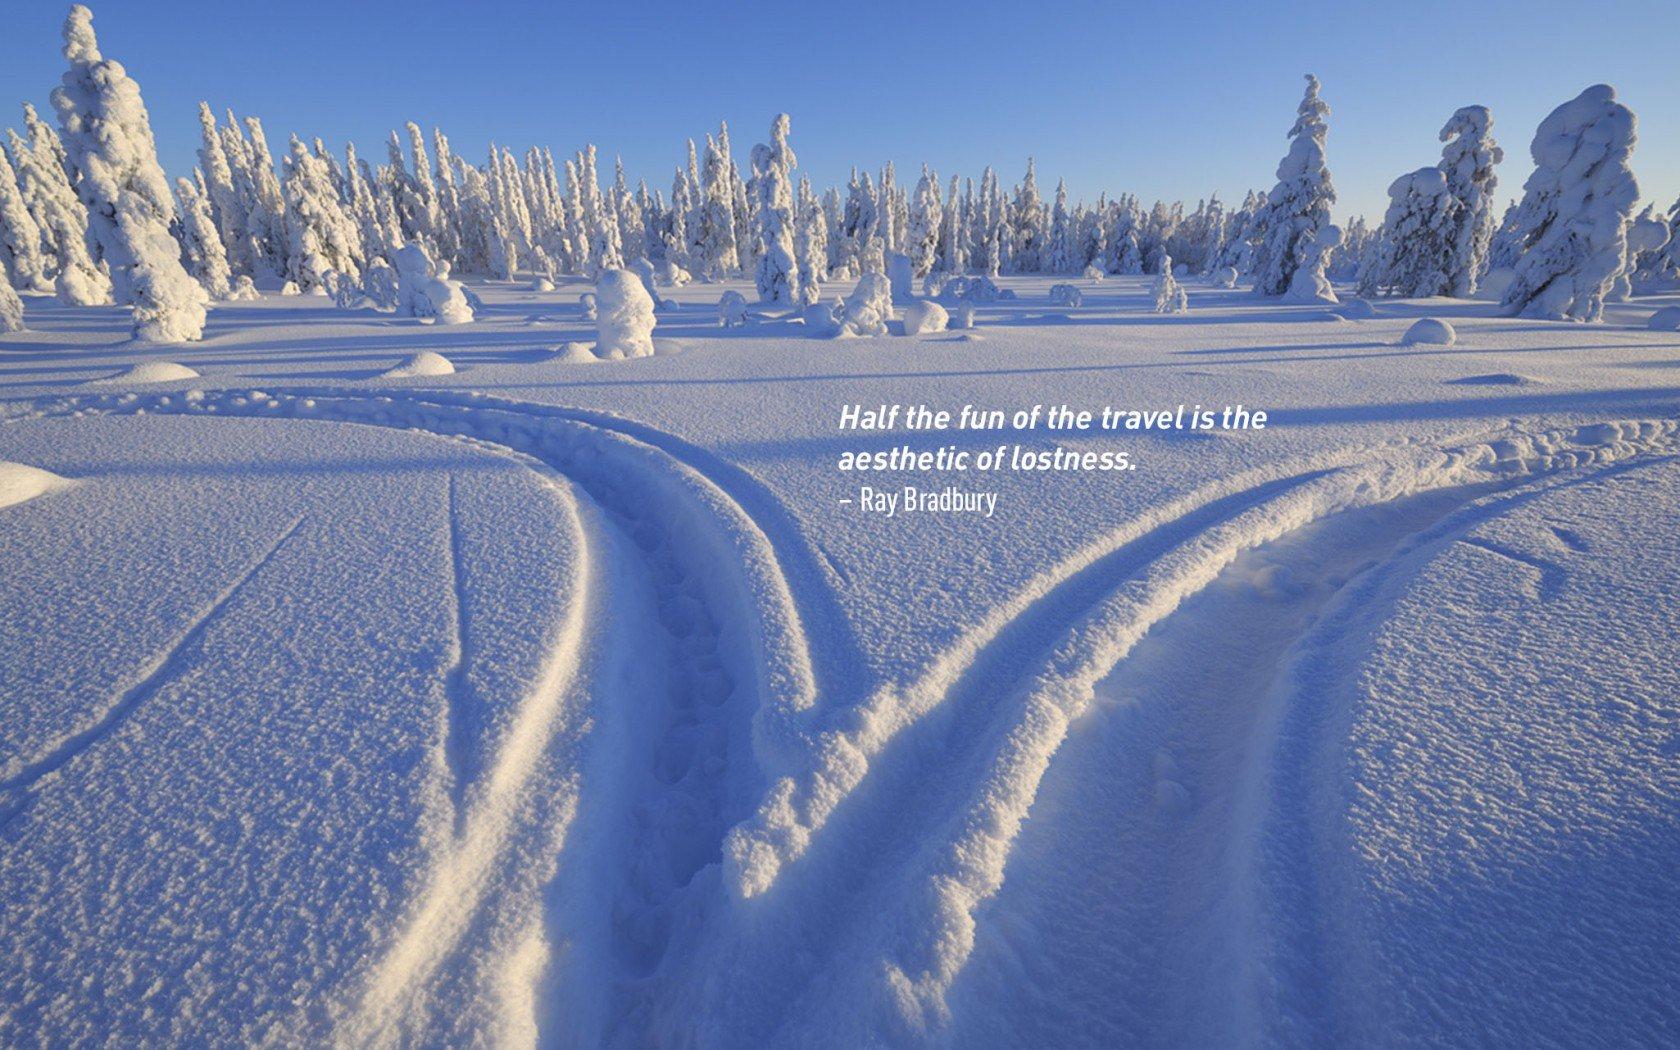 Citation de voyage inspirante de Ray Bradbury.